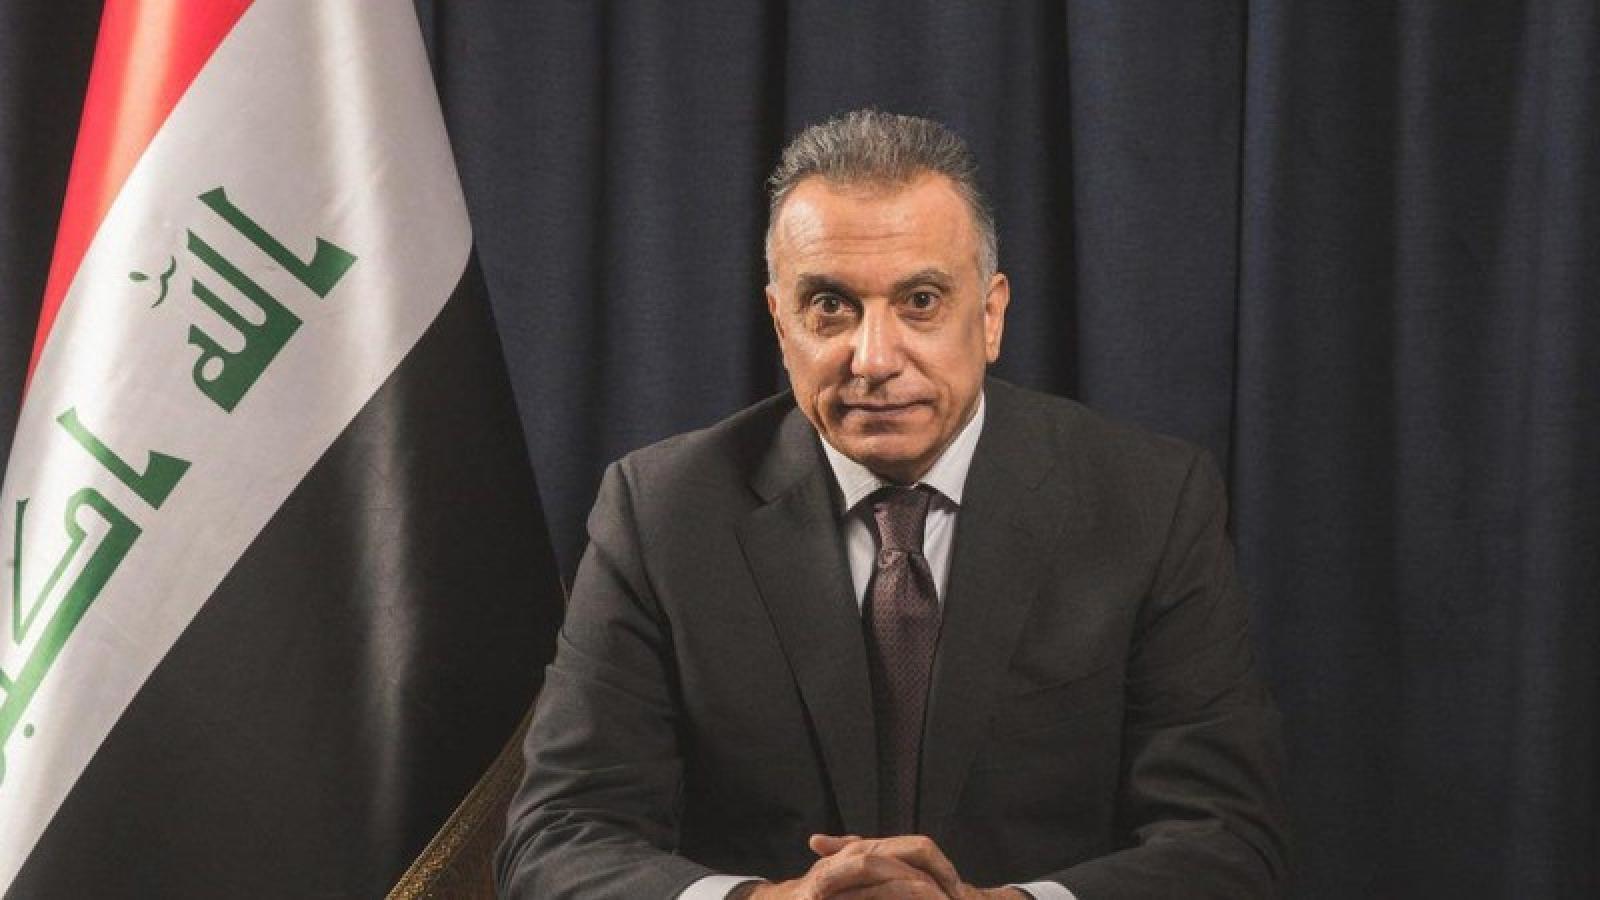 Cựu Giám đốc tình báo được phê chuẩn làm Thủ tướng mới của Iraq